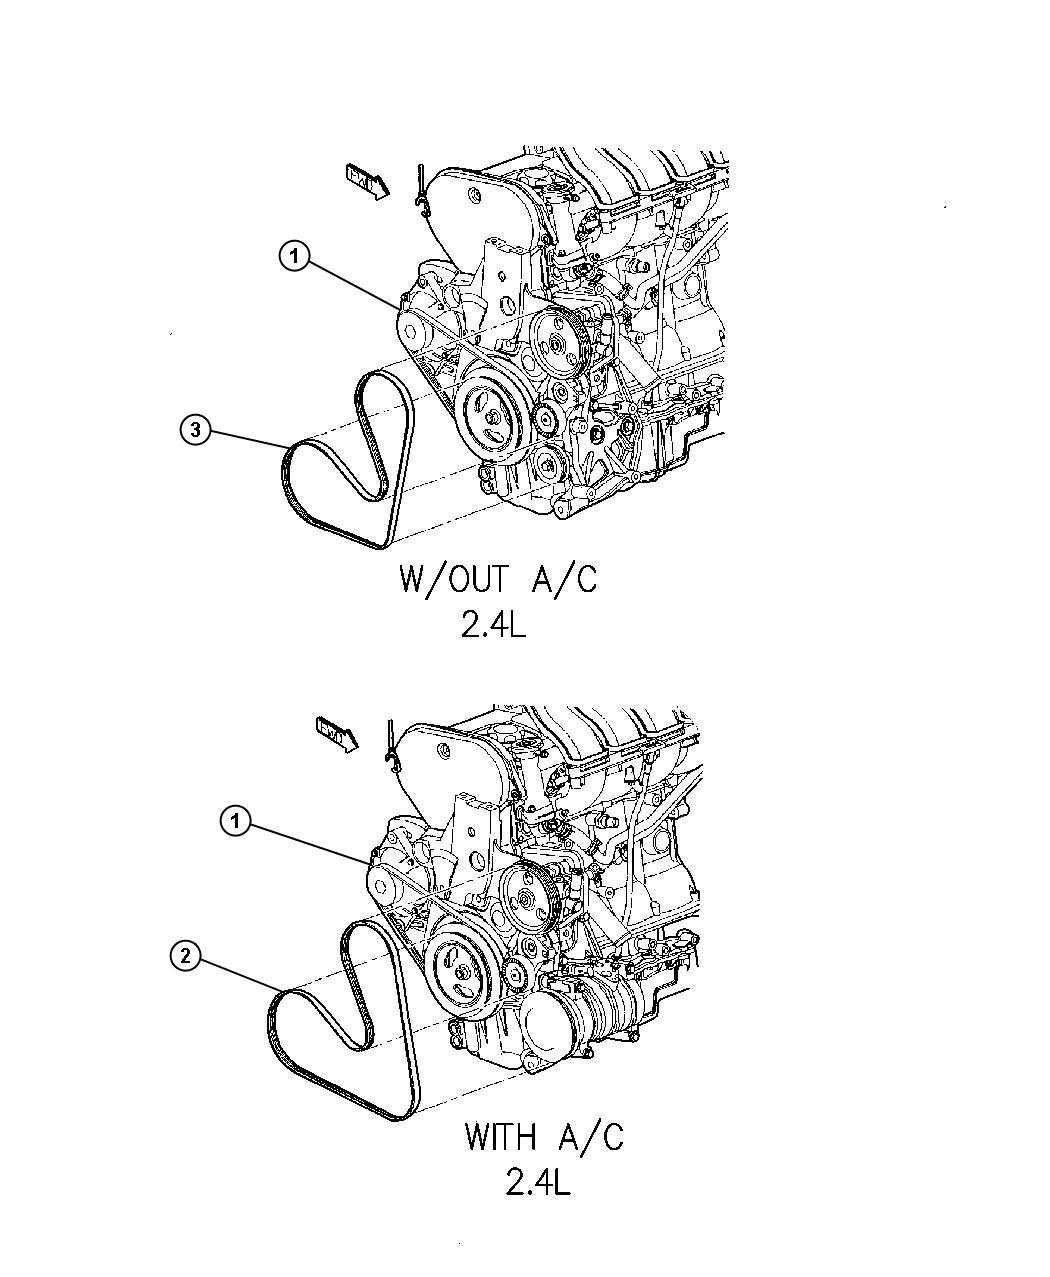 Chrysler Pt Cruiser Belt Power Steering Power